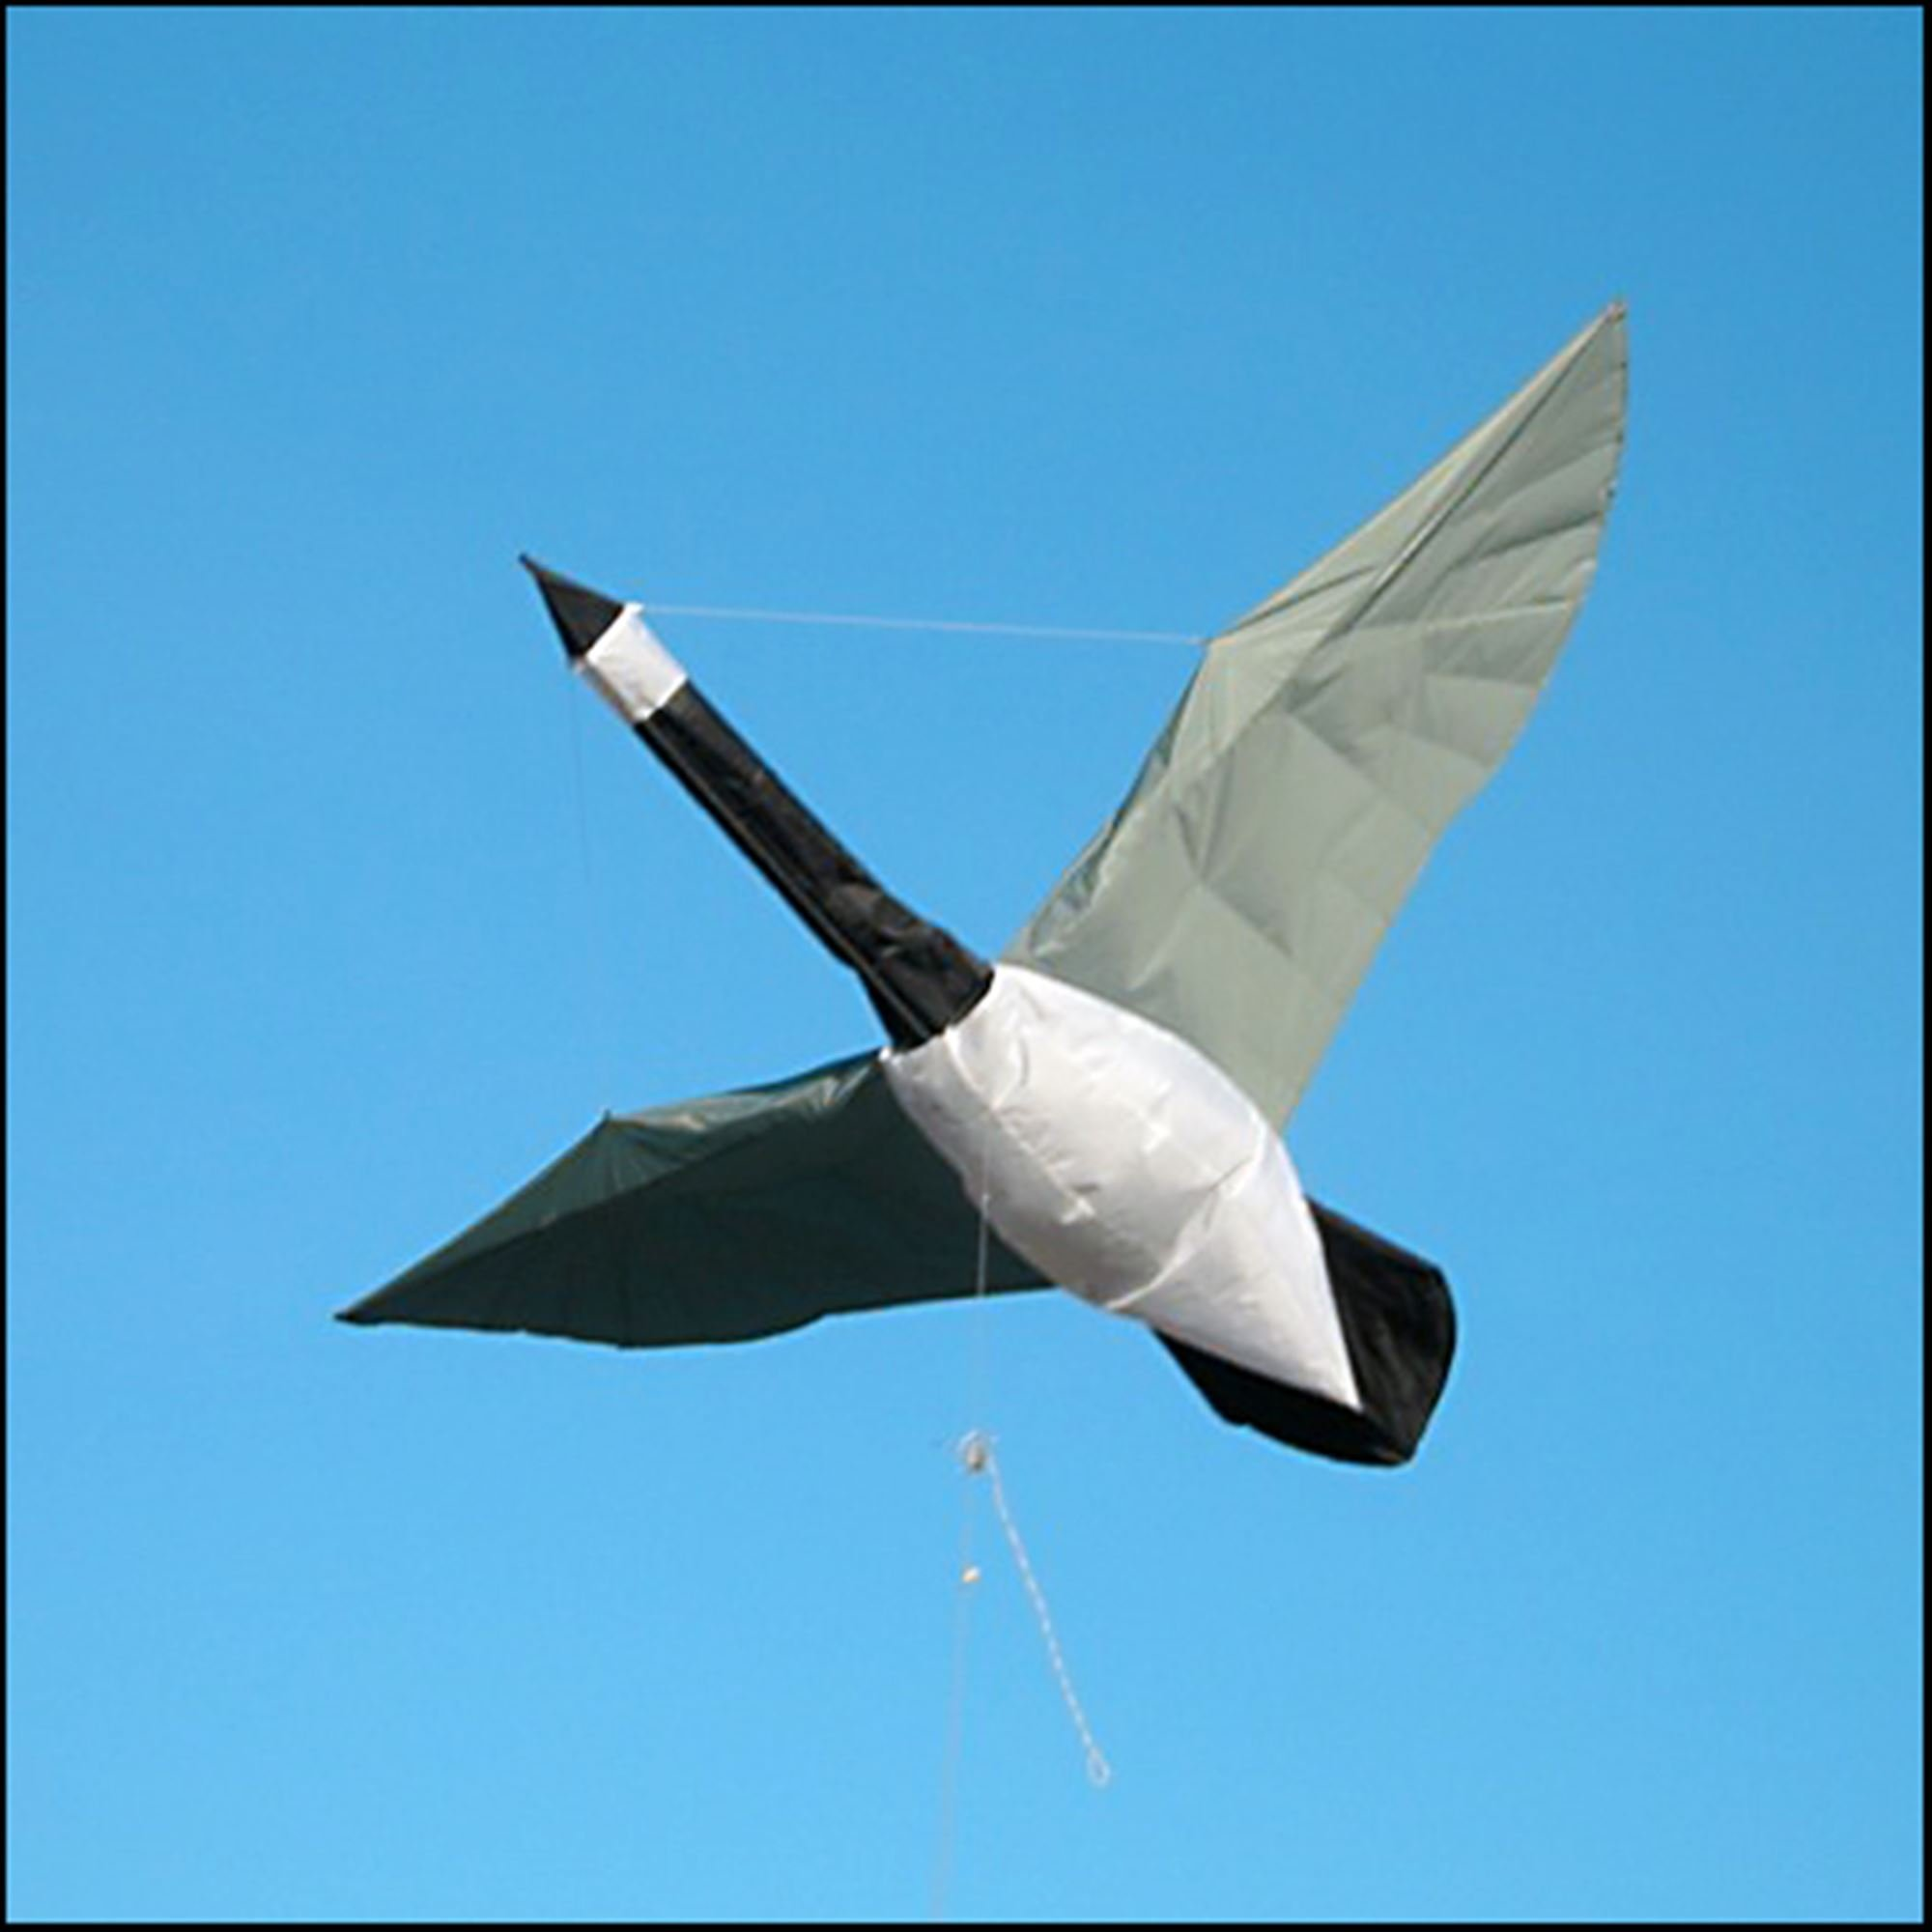 Martin Lester Barnacle Goose Kite